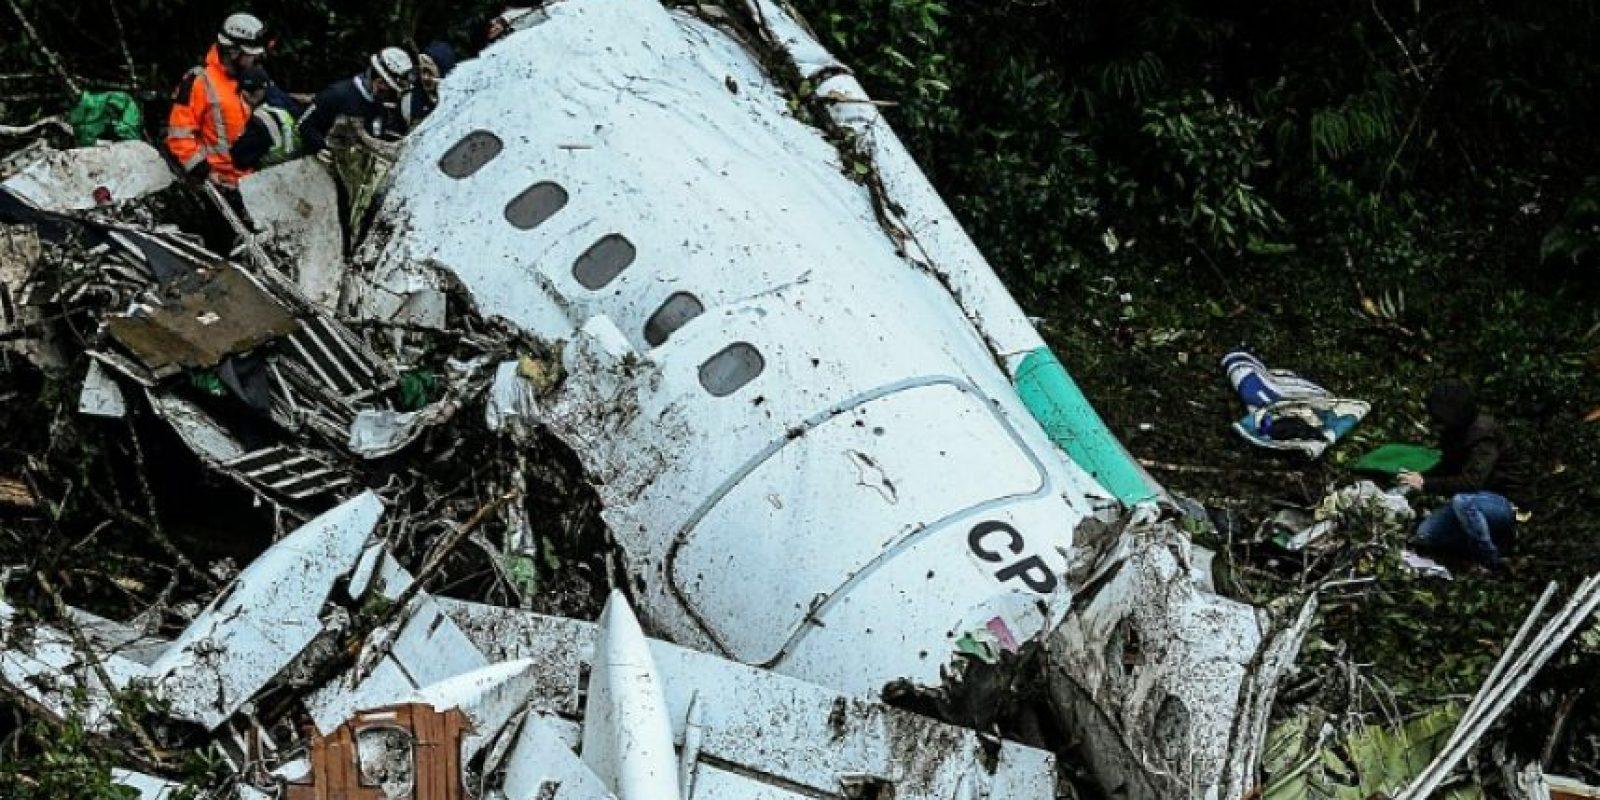 Los equipos de rescate trabajan para sacar cuerpos de los restos del avión accidentado, el martes 29 de noviembre en Cerro Gordo, al noreste de Colombia Foto:Raúl Arboleda/afp.com